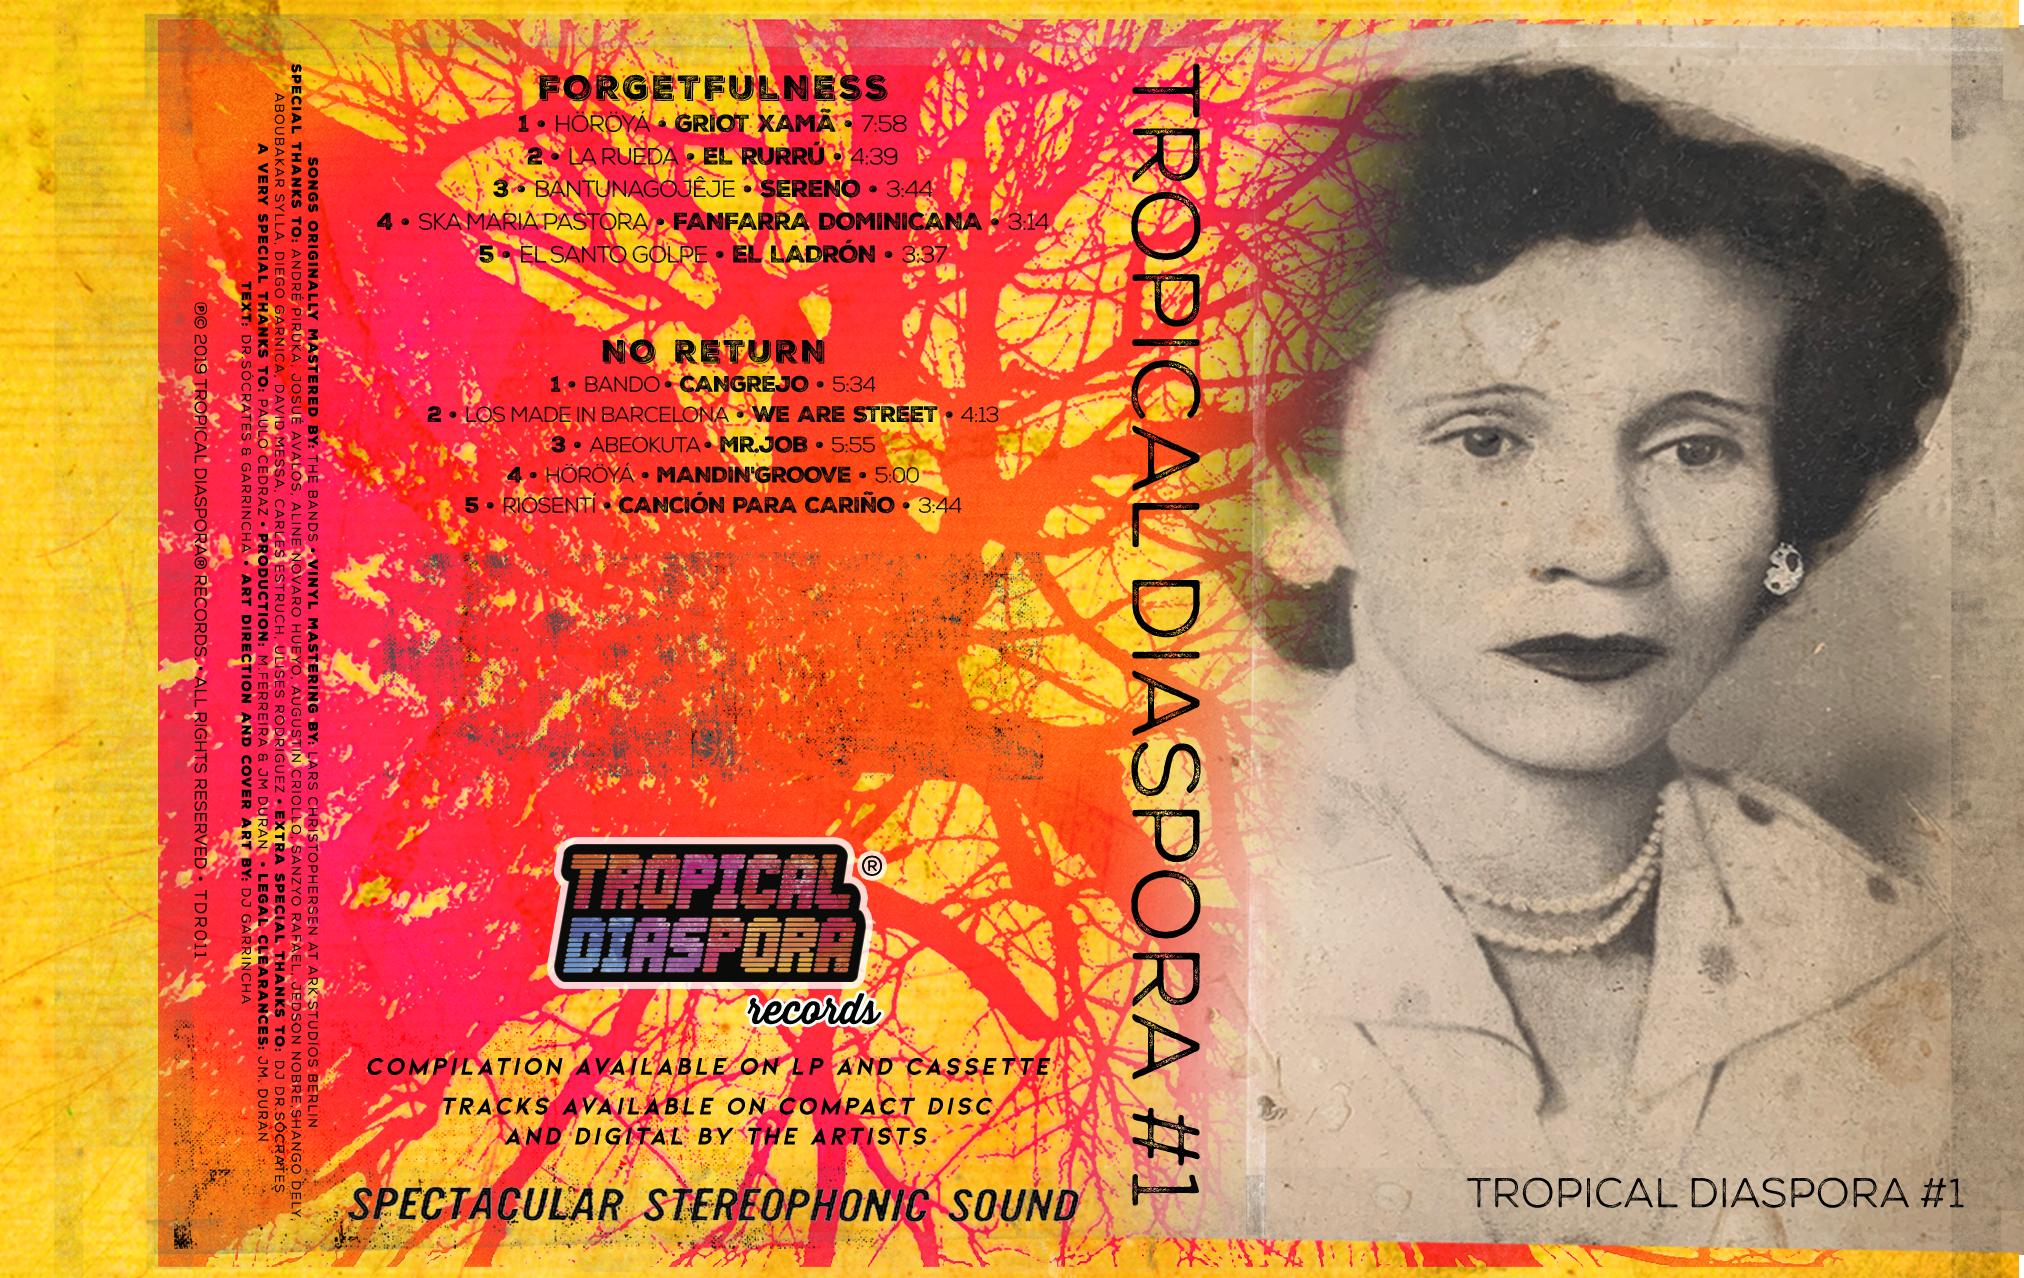 TDR011 CassetteOuter 172x109 v1